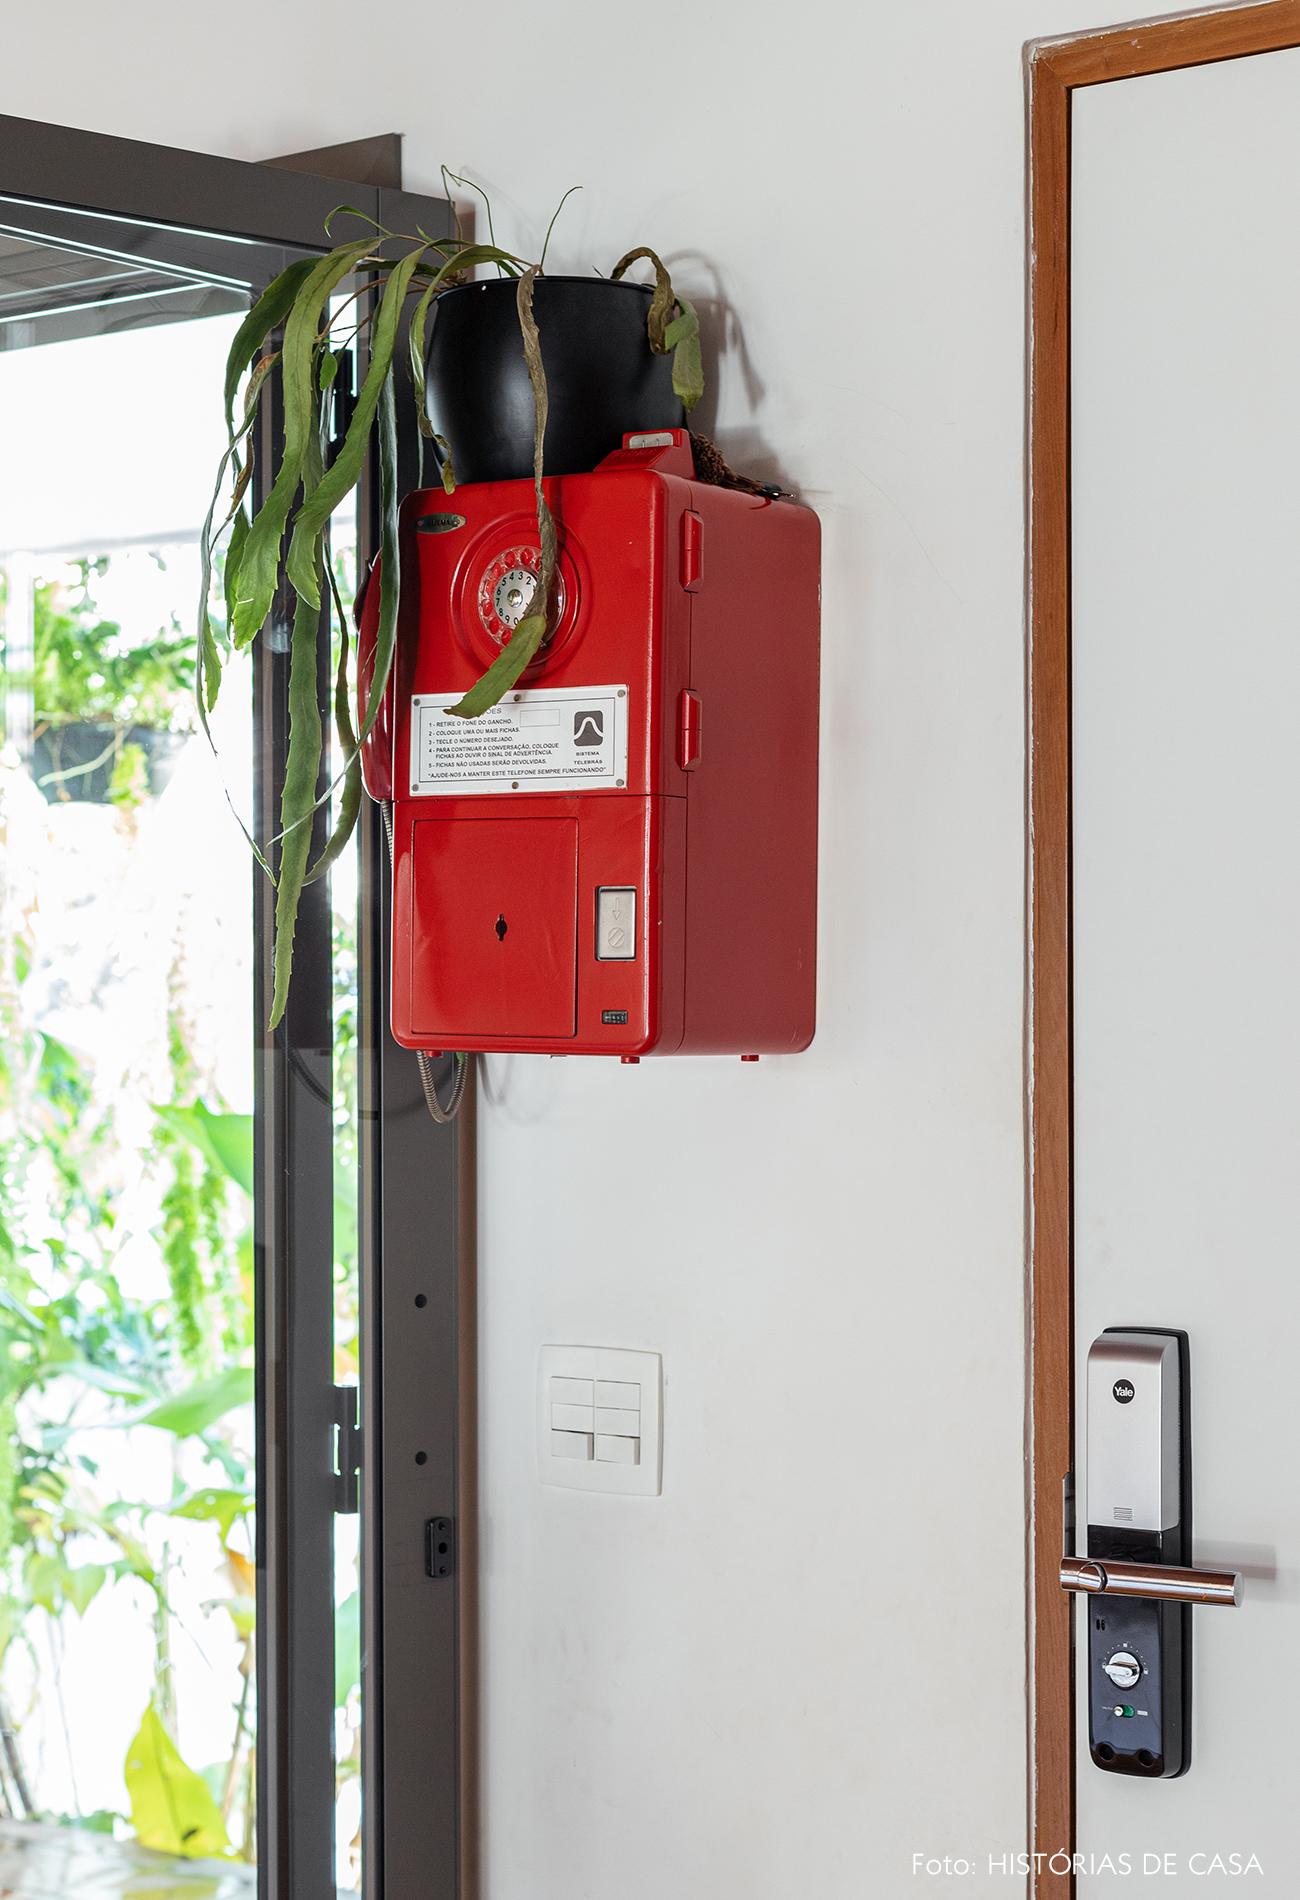 Casa antiga com telefone vintage vermelho